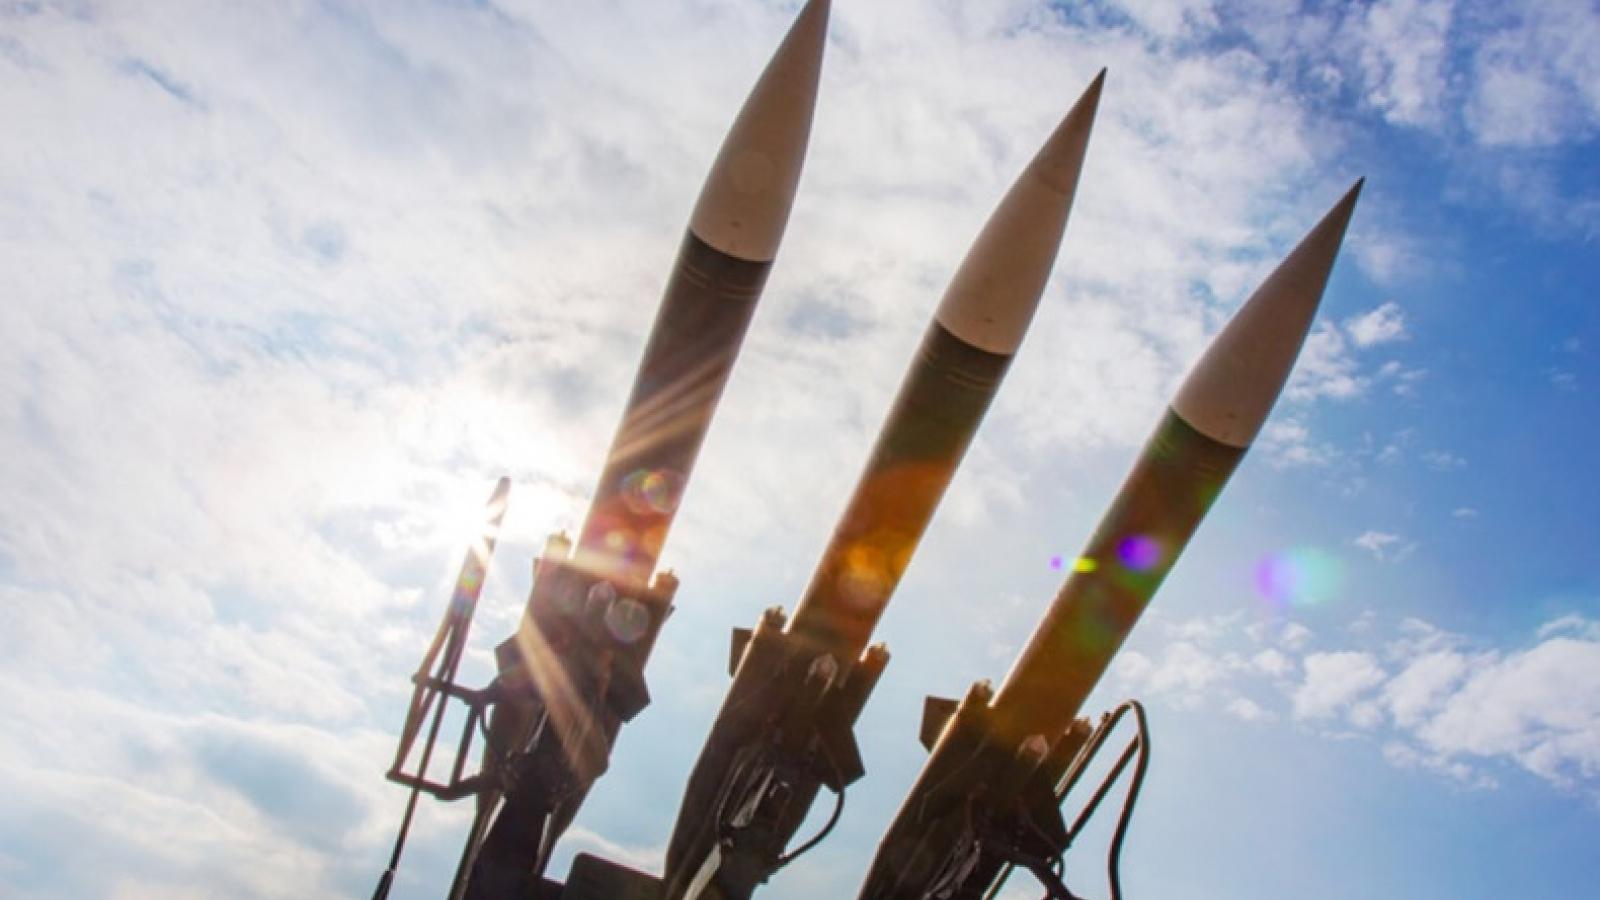 Mỹ và Nga nối lại các cuộc đàm phán về kiểm soát vũ khí hạt nhân